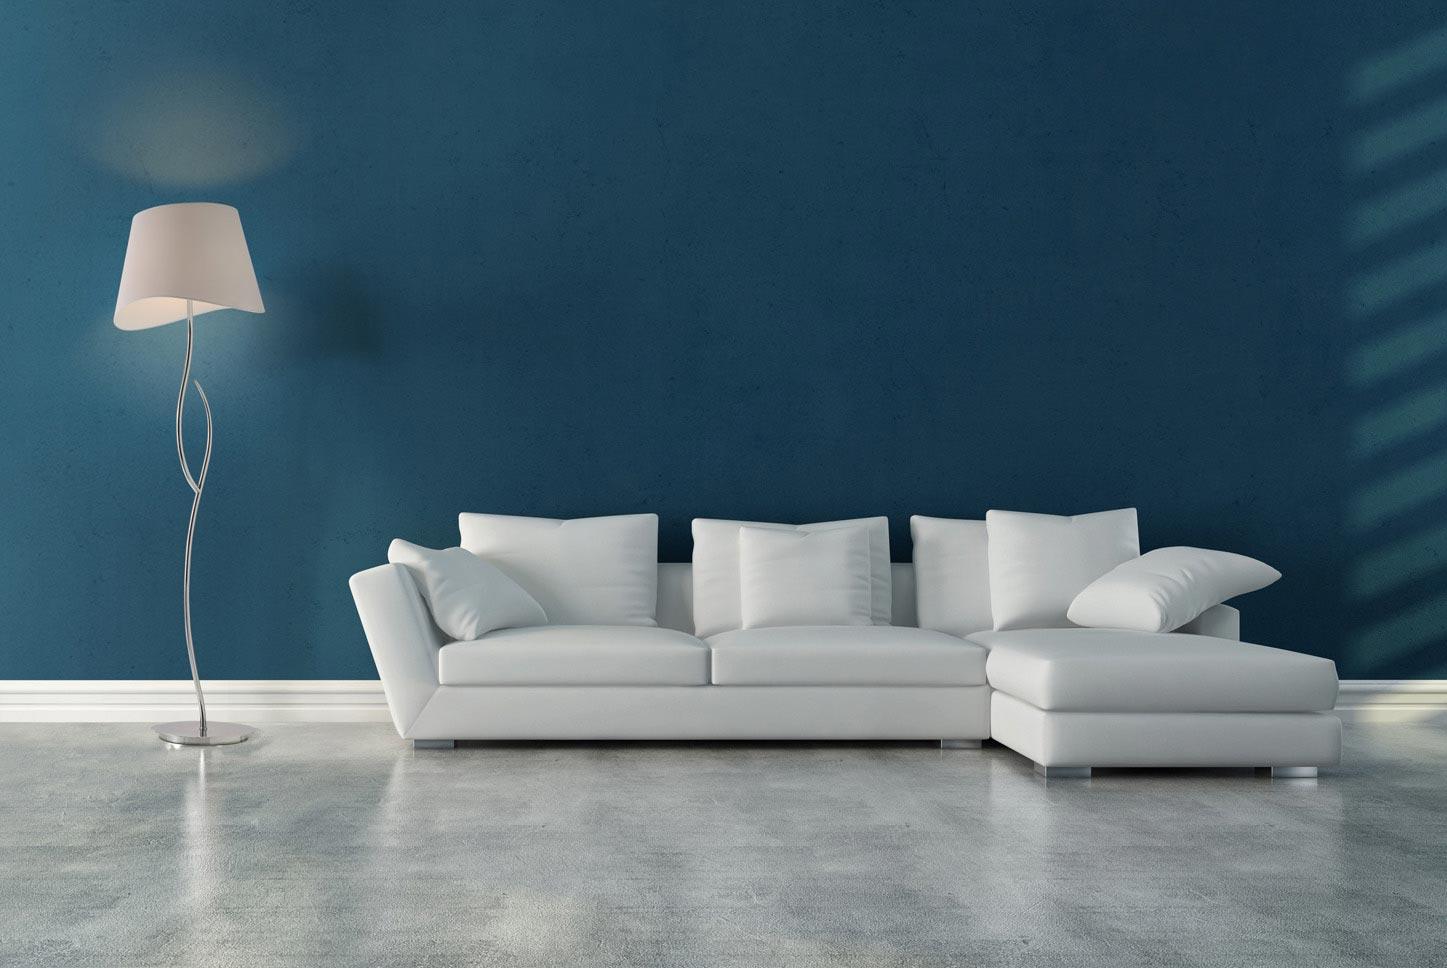 Lámpara de pie NINETTE cromo/blanco ambiente